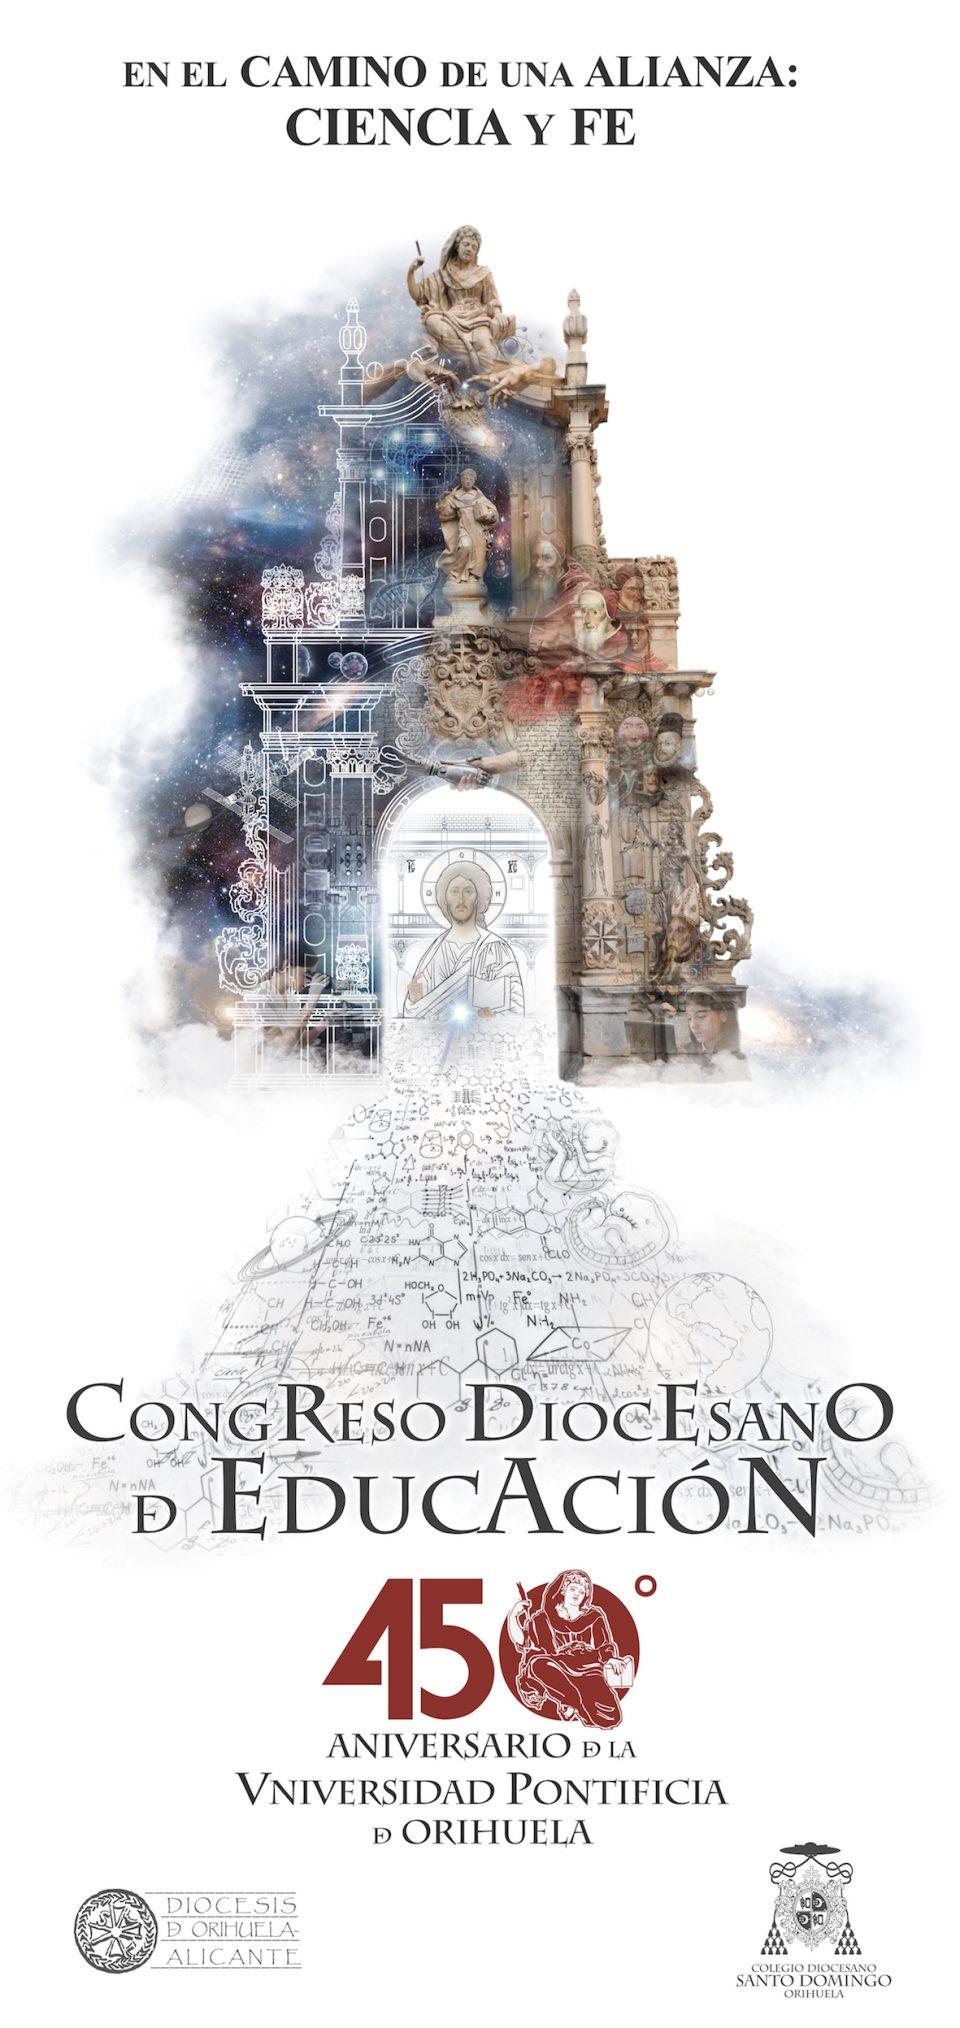 El colegio Santo Domingo acoge el Congreso Diocesano de Educación 6